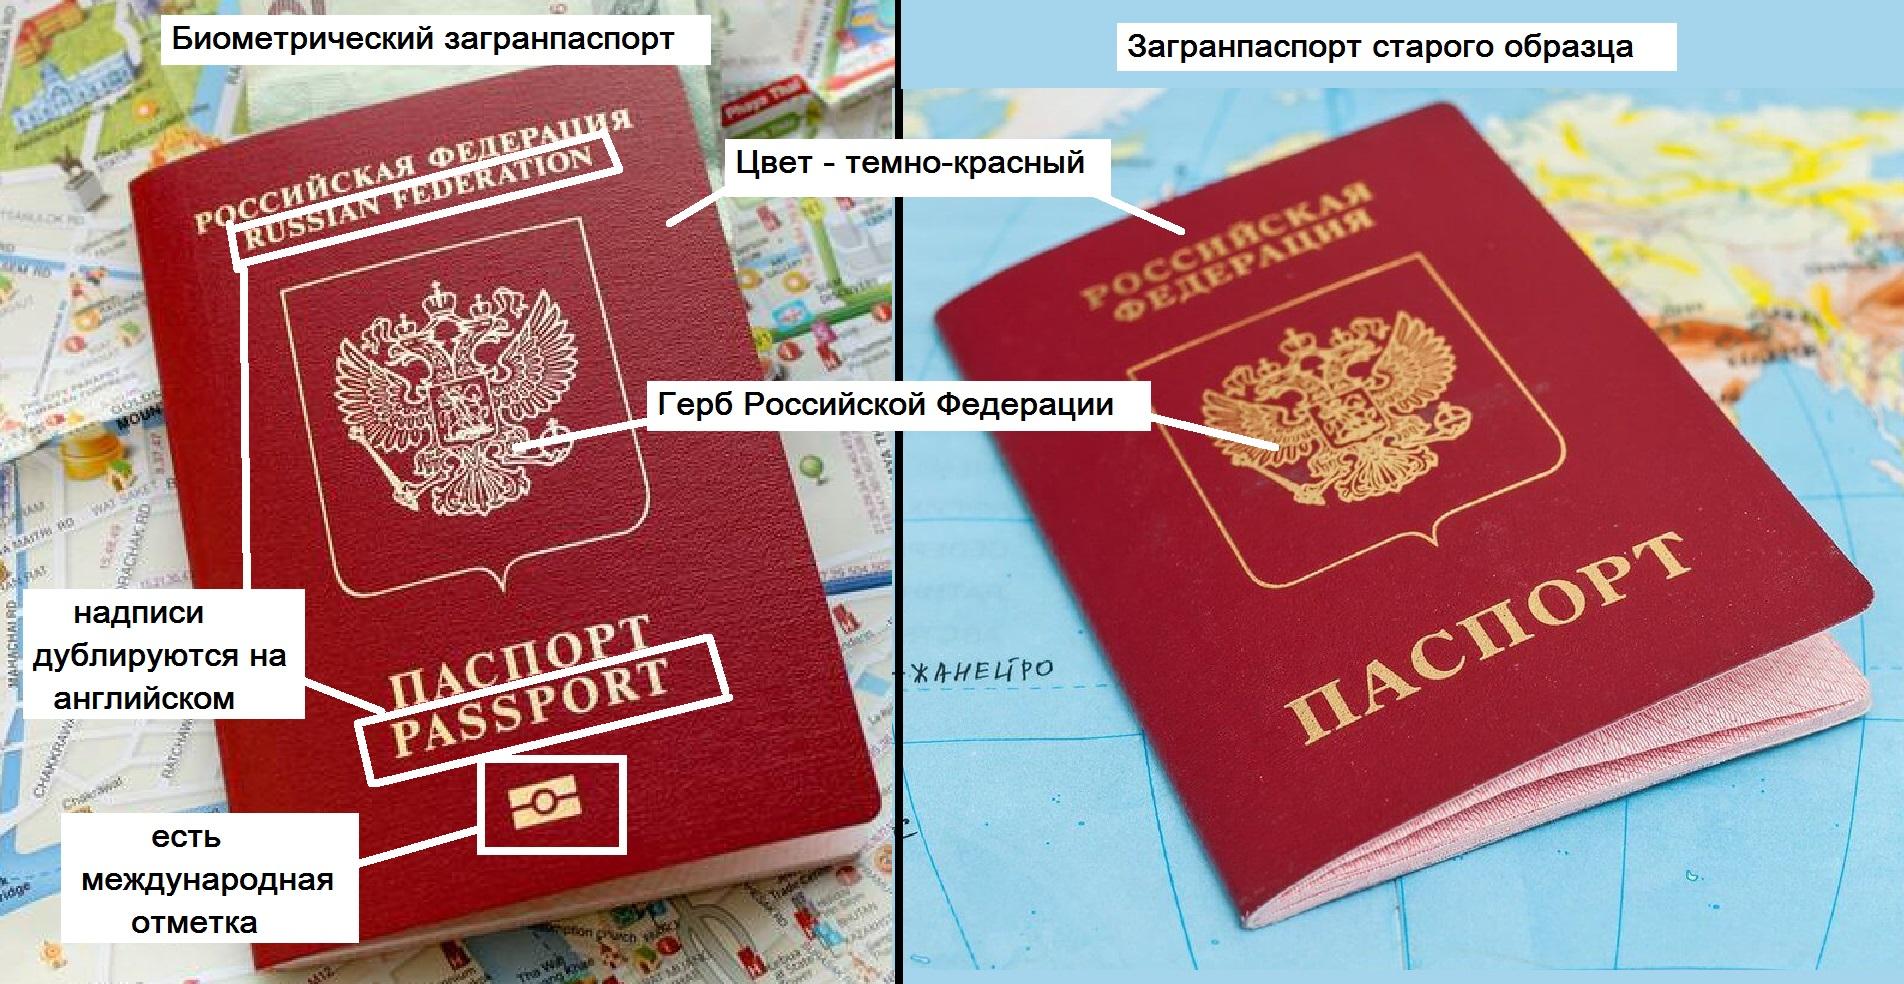 Биометрический паспорт для шенгенской визы банк